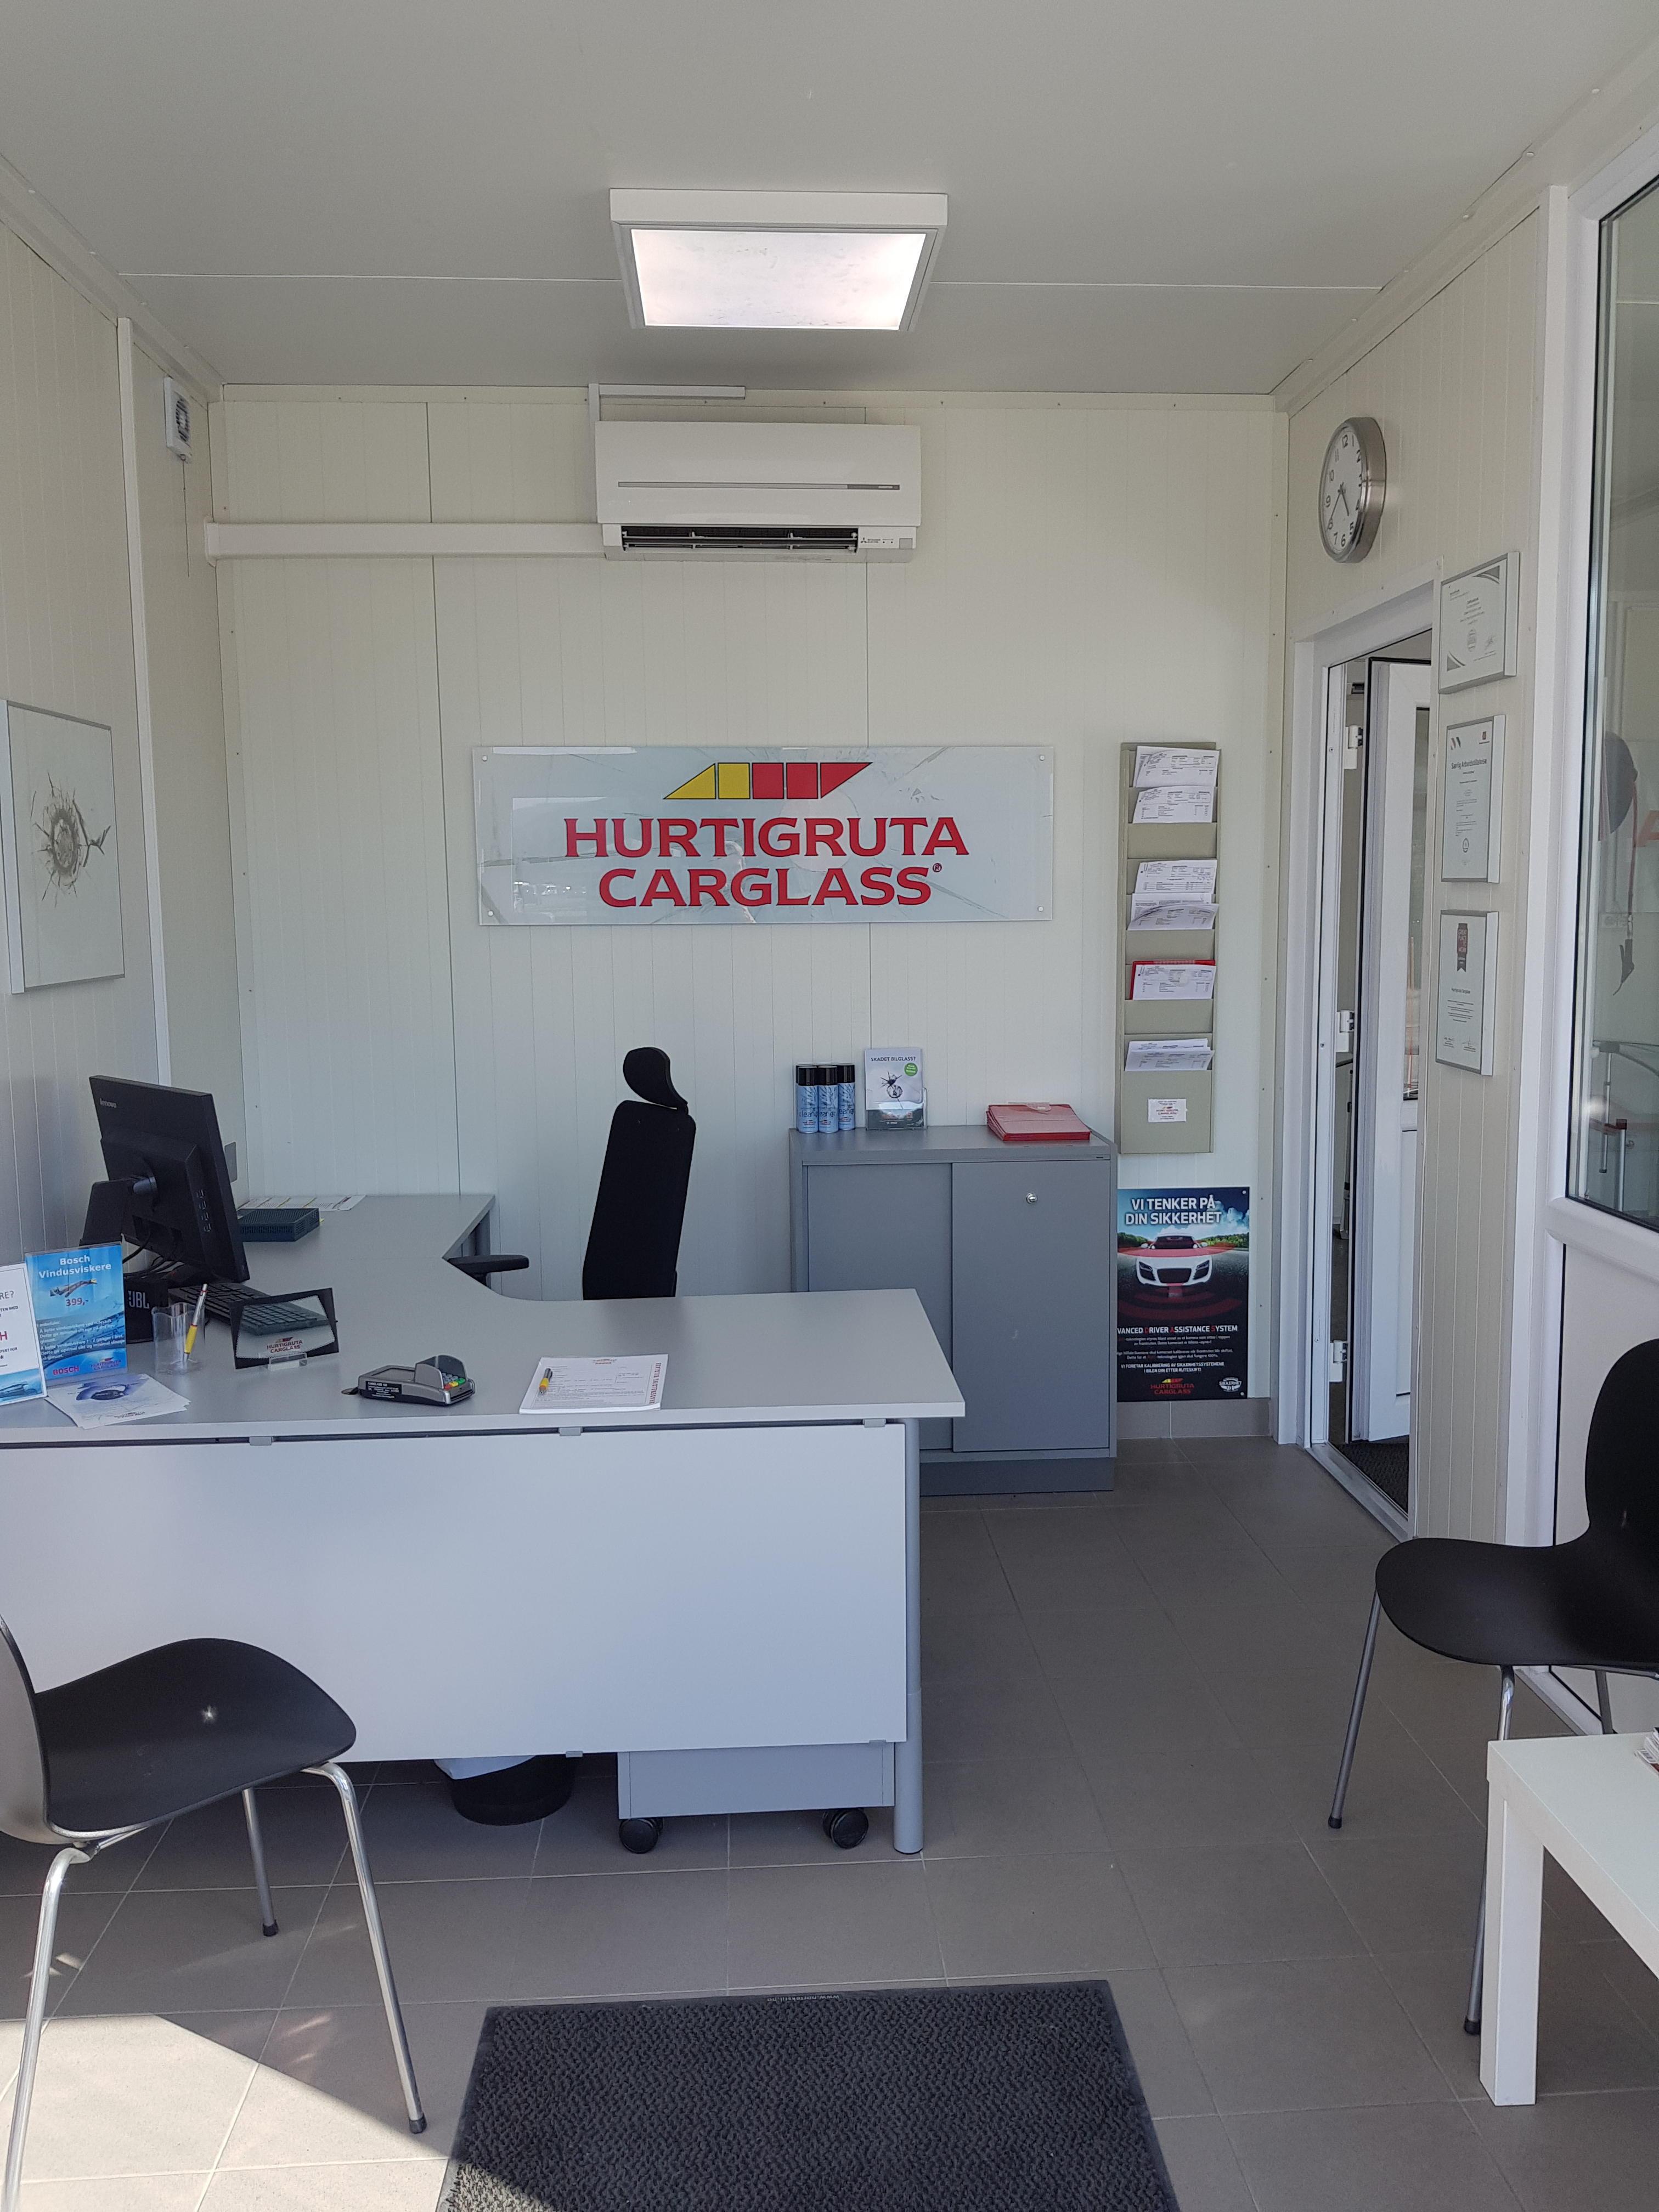 Hurtigruta Carglass® Lillehammer